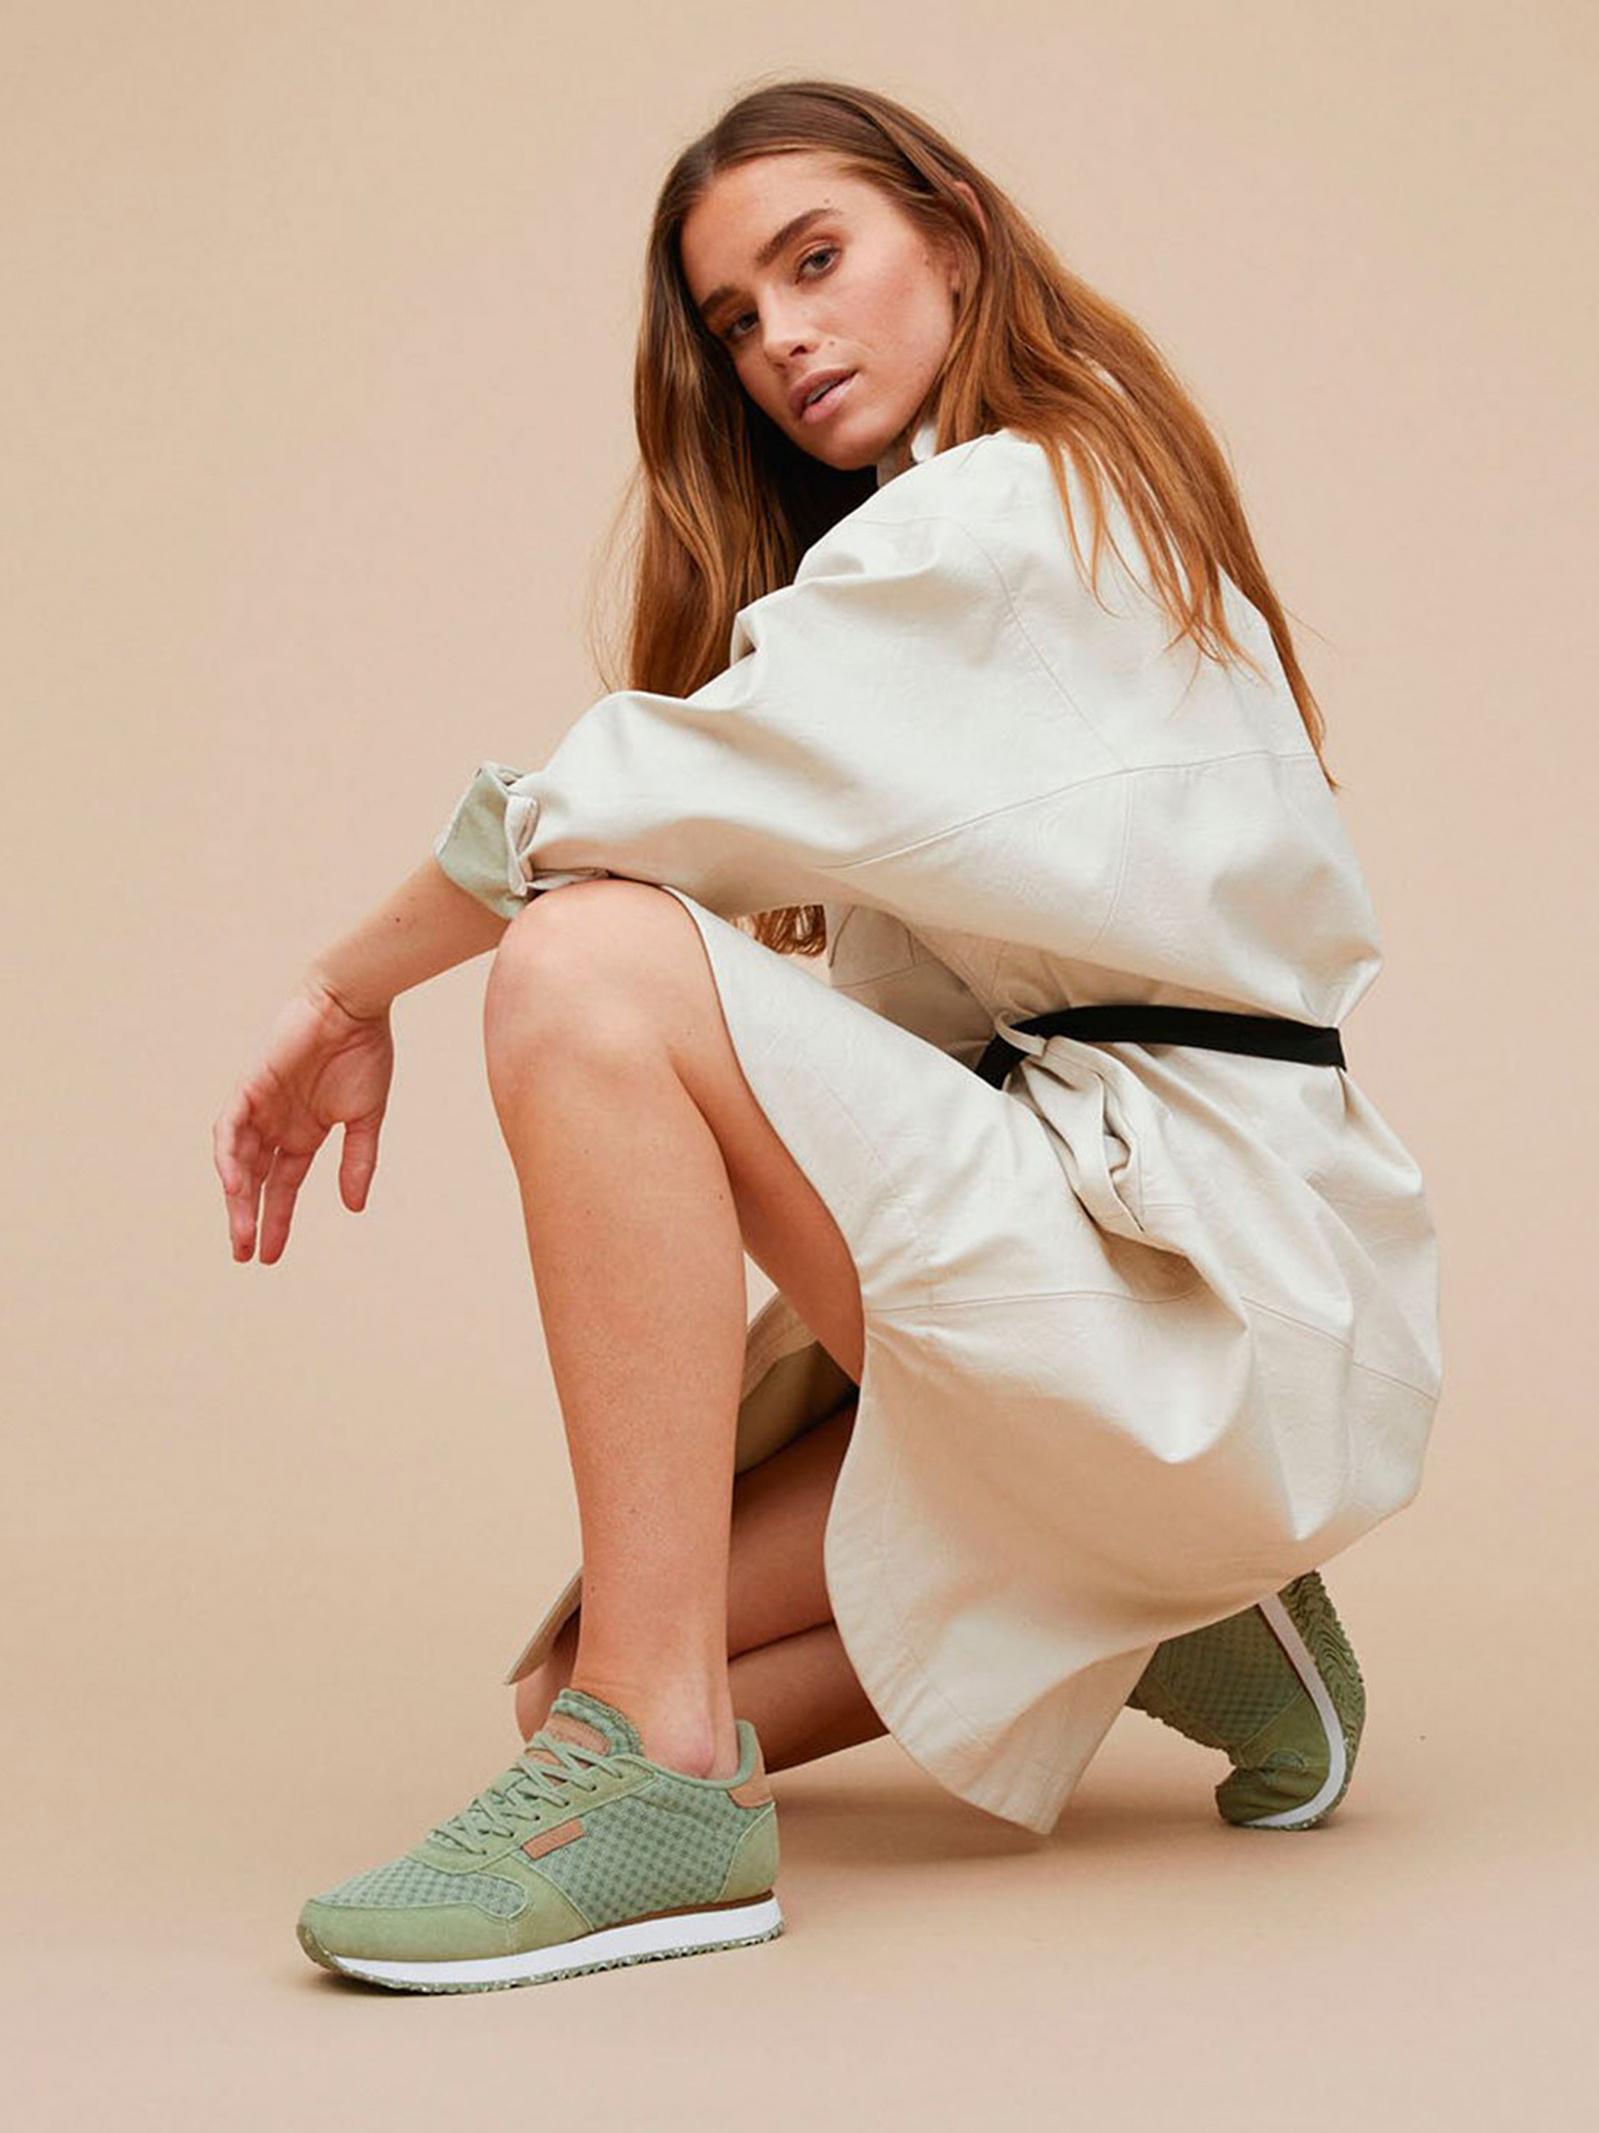 Кросівки  жіночі Woden Ydun Suede Mesh WL028 306 купити, 2017